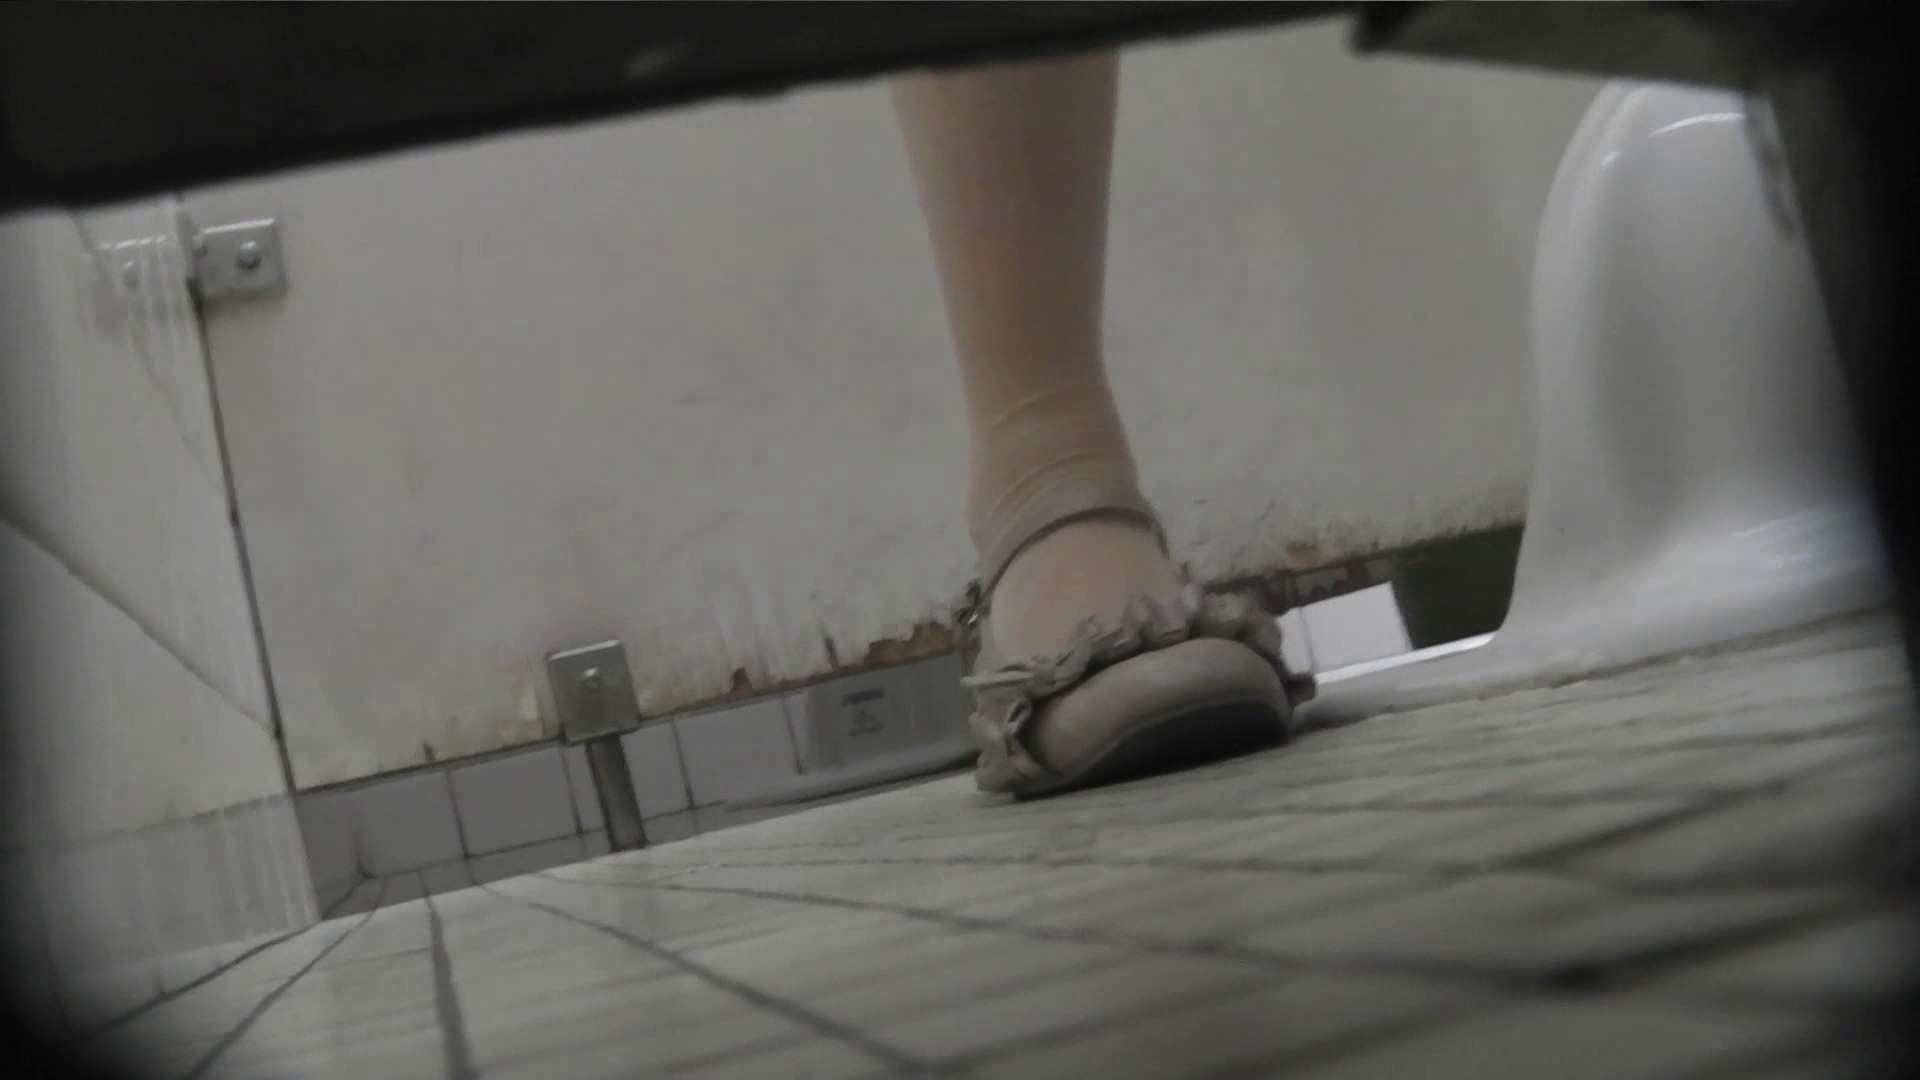 vol.62 命がけ潜伏洗面所! クパ~しながら放水してみた ギャルズ   高画質動画  46画像 6